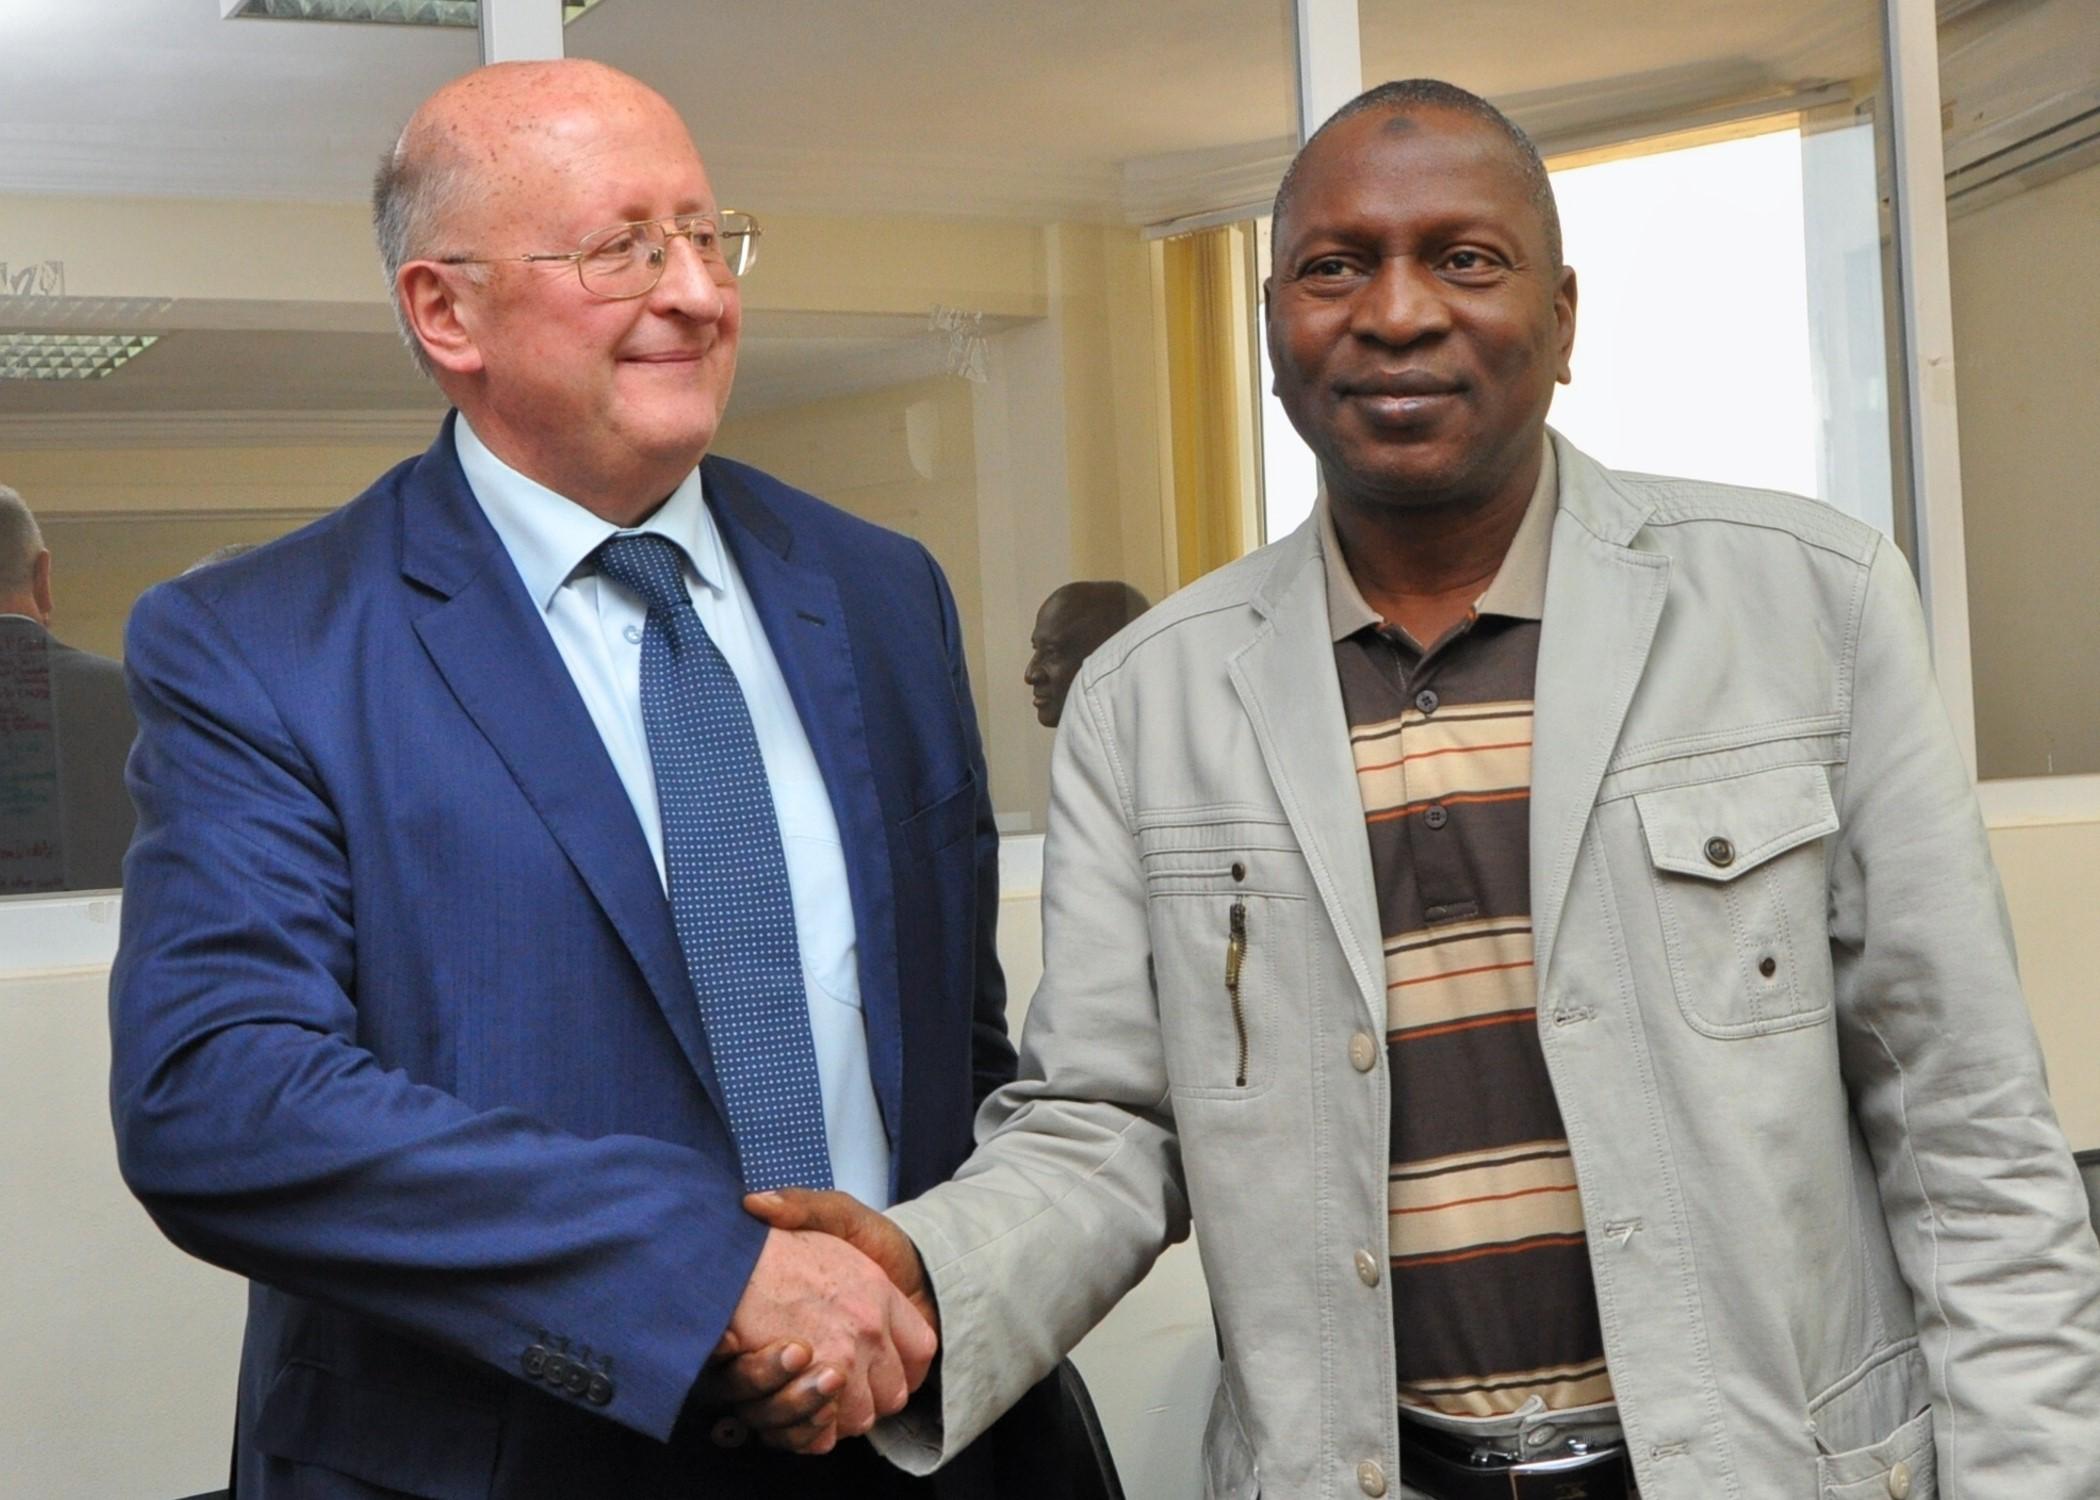 Делегация российского Минздрава посетила с рабочим визитом Гвинейскую Республику